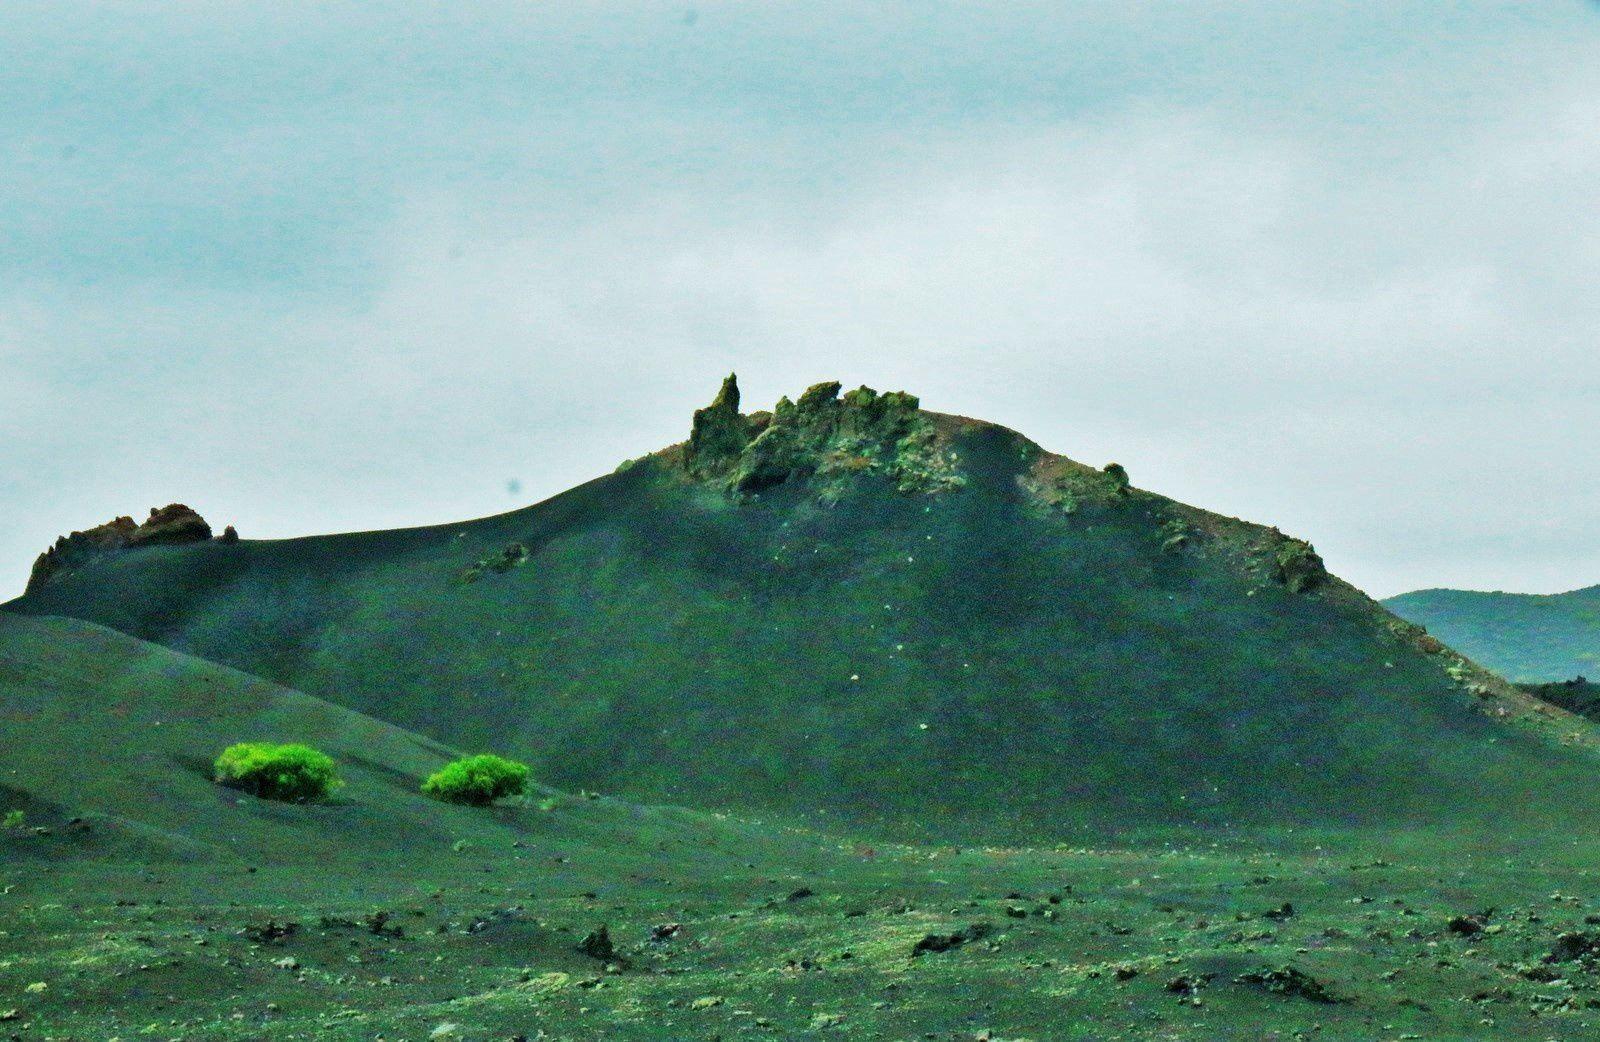 Montañas del Fuego, cratères et plantes (Canaries)